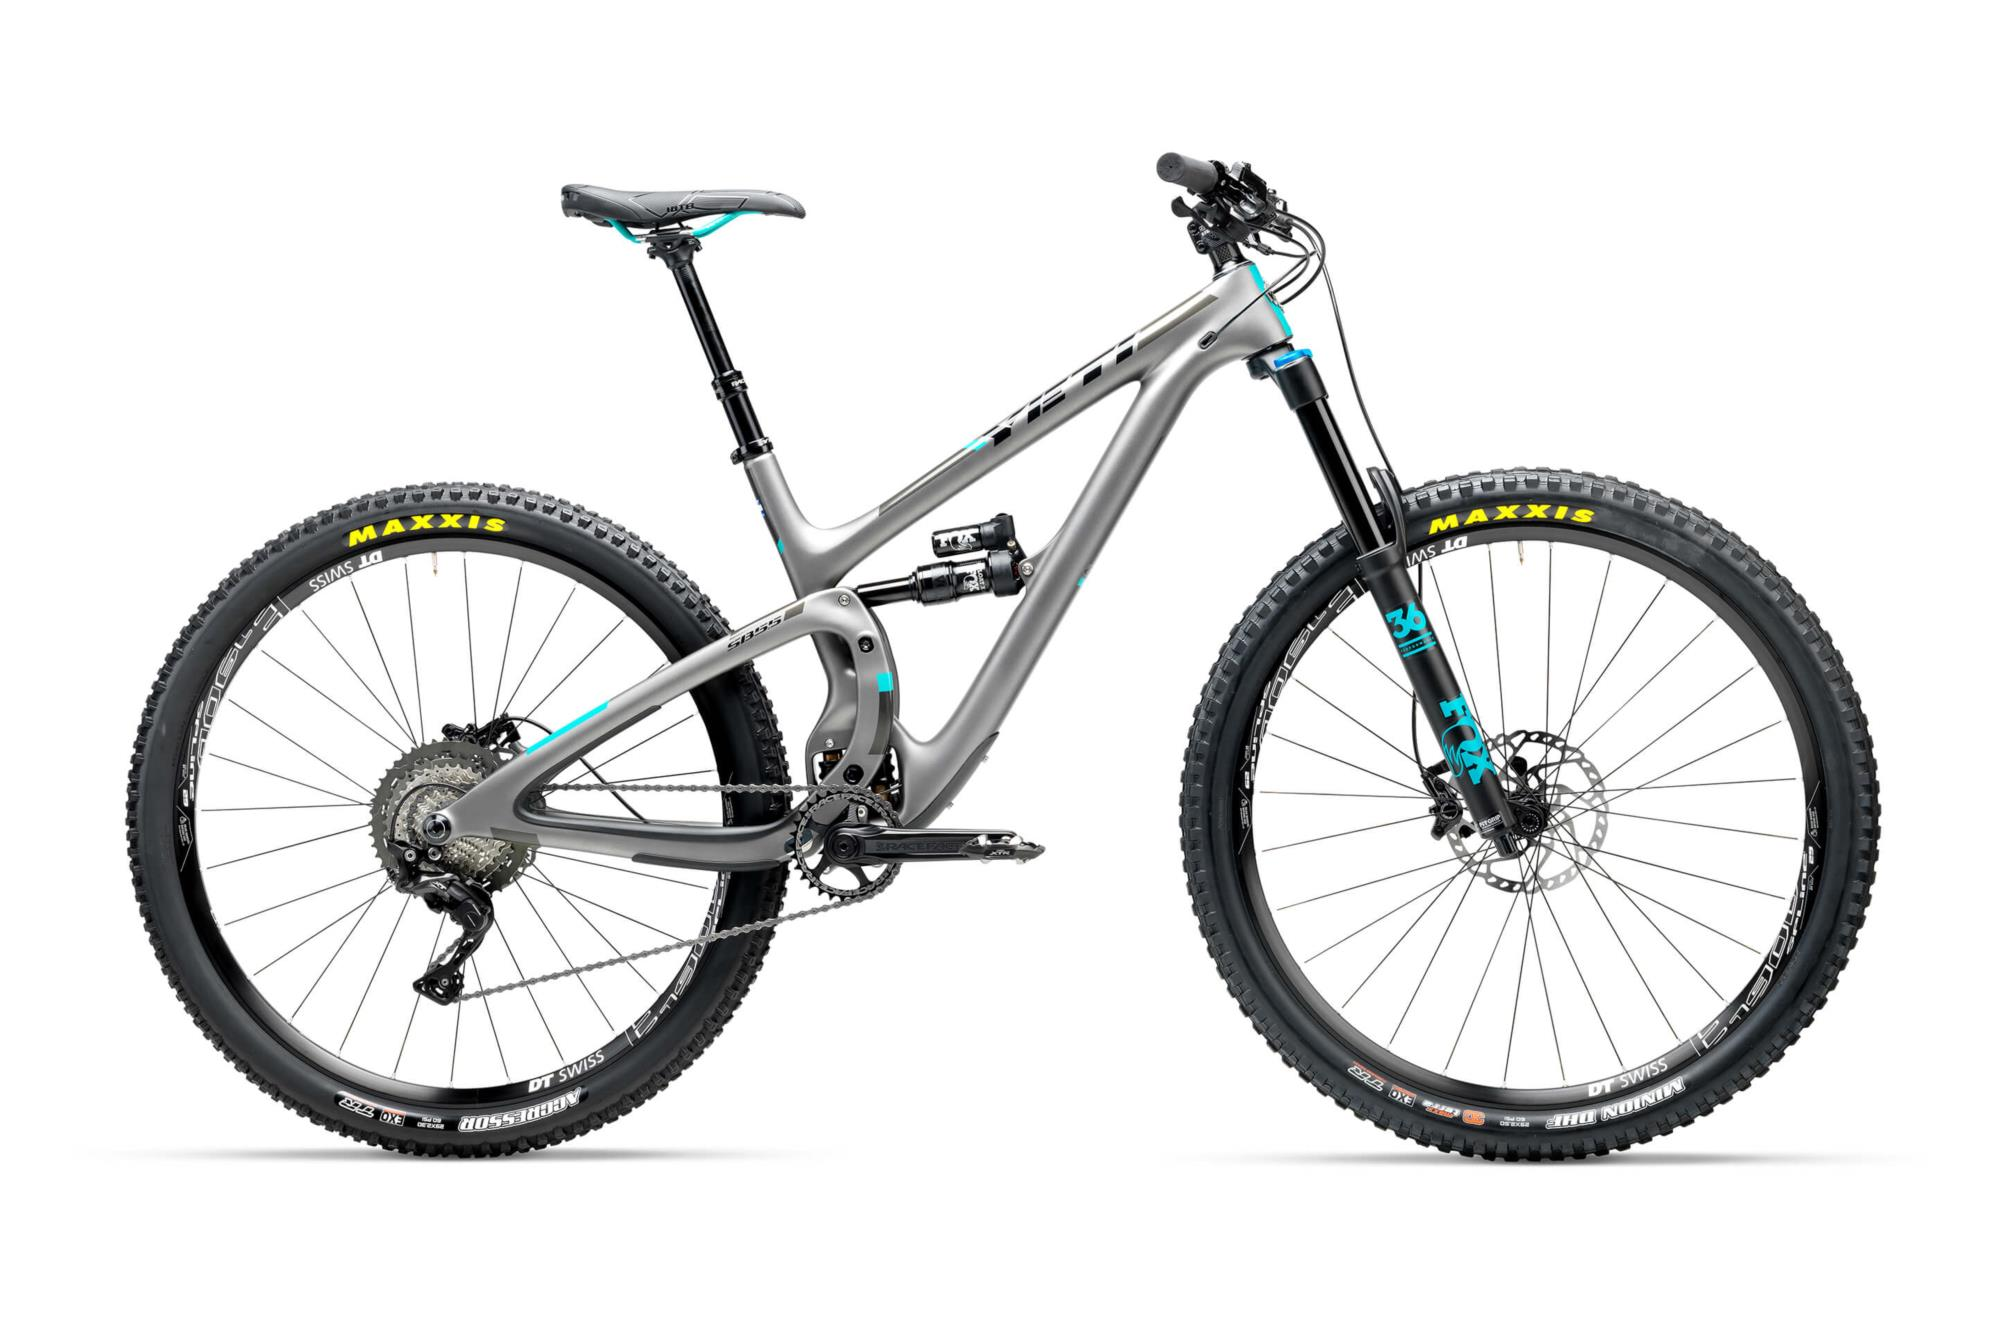 Yeti Sb5 5c C Series 29 Switch Infinity Enduro Bike